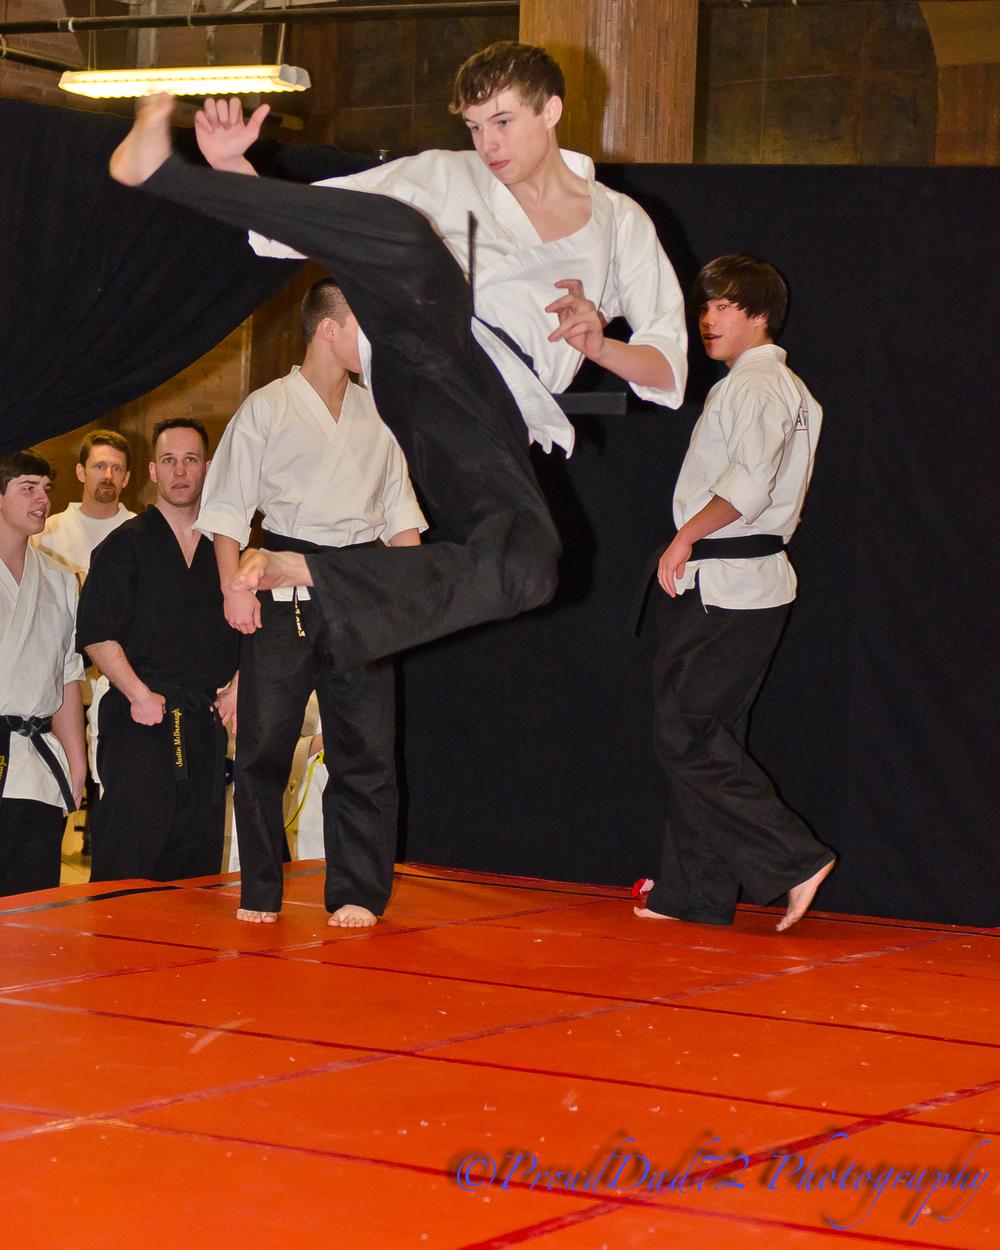 karate1-21-2012-17.jpg